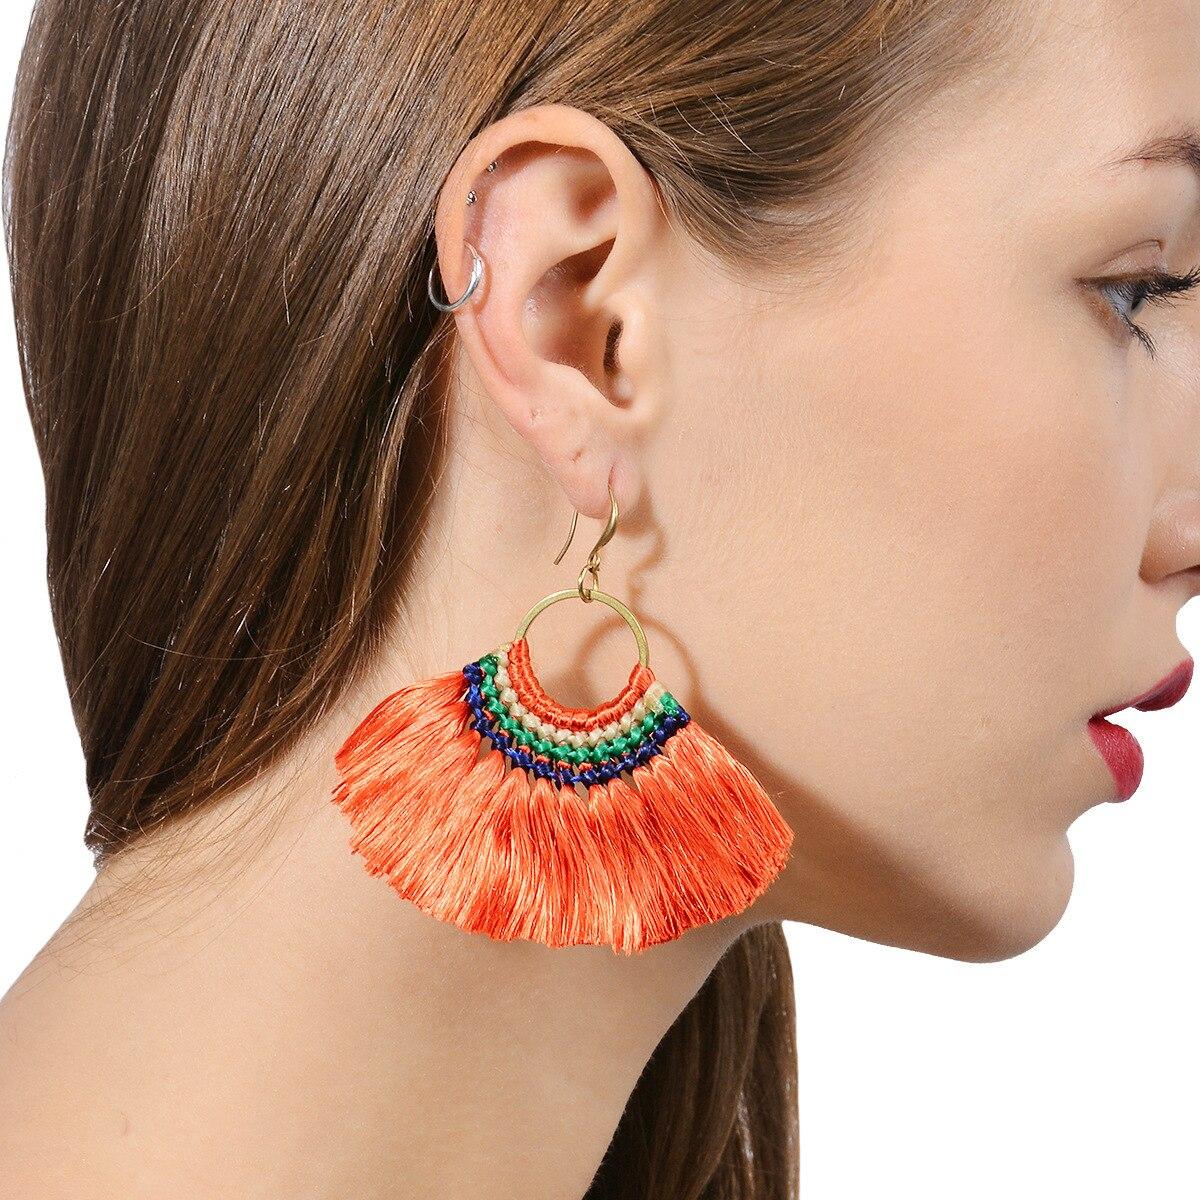 Earrings Fashion Bohemian Tassel Crystal Gifts Drop Dangle For Women Jewelry Boho Style